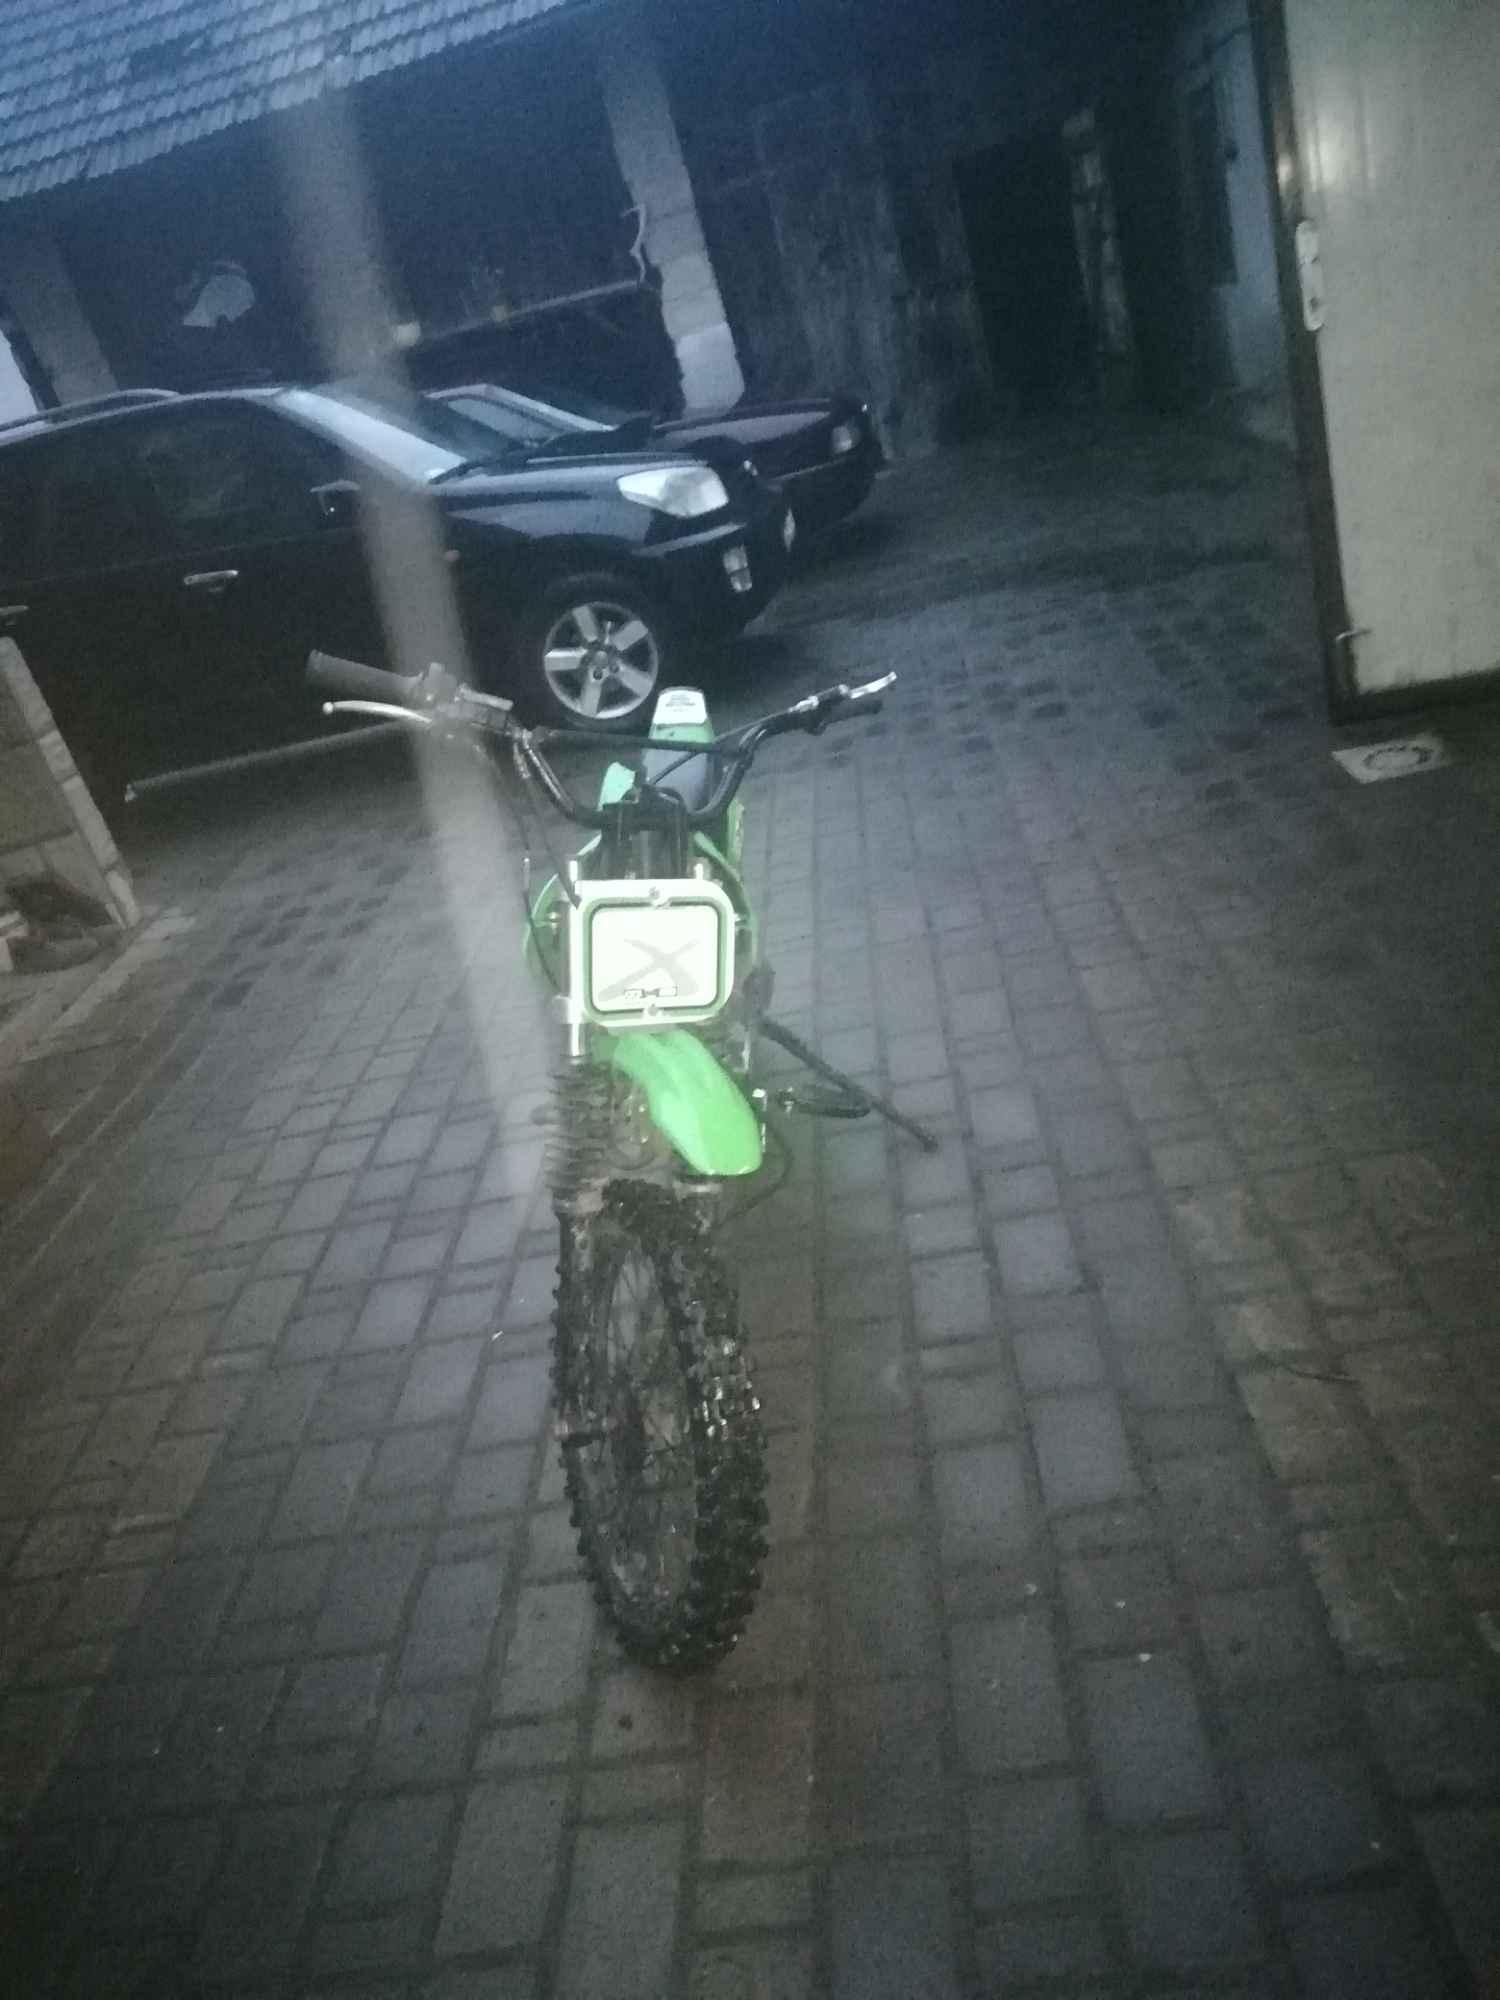 Cross pitbike110cm3 powiększona, wzmocniona rama nowe części Rzeszów - zdjęcie 4